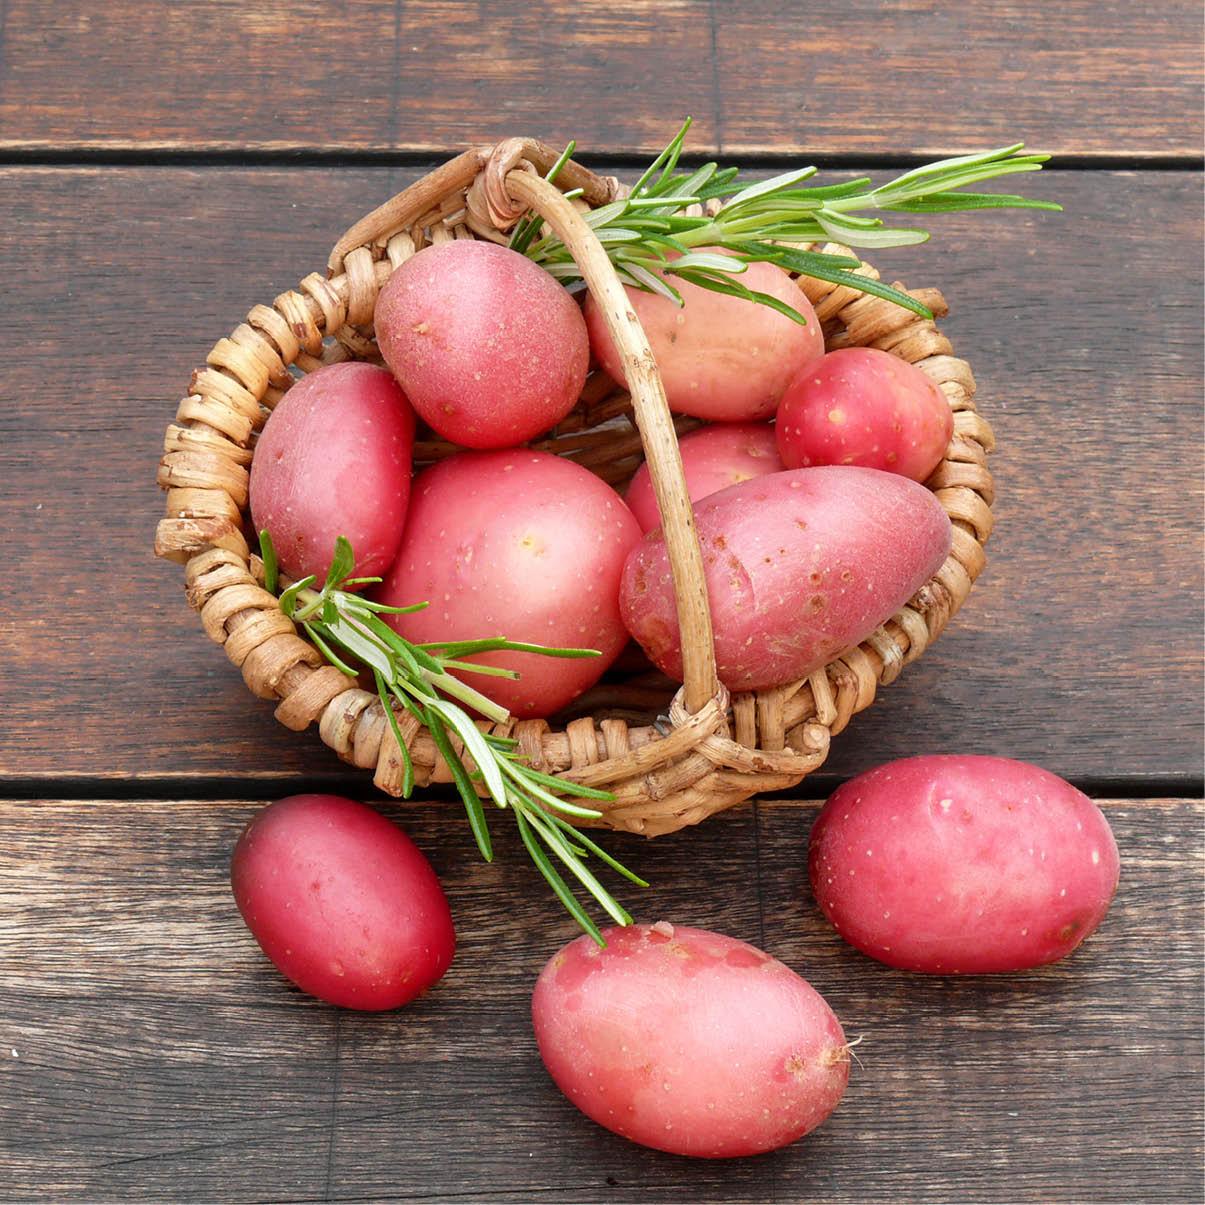 kartoffel-rotschalig